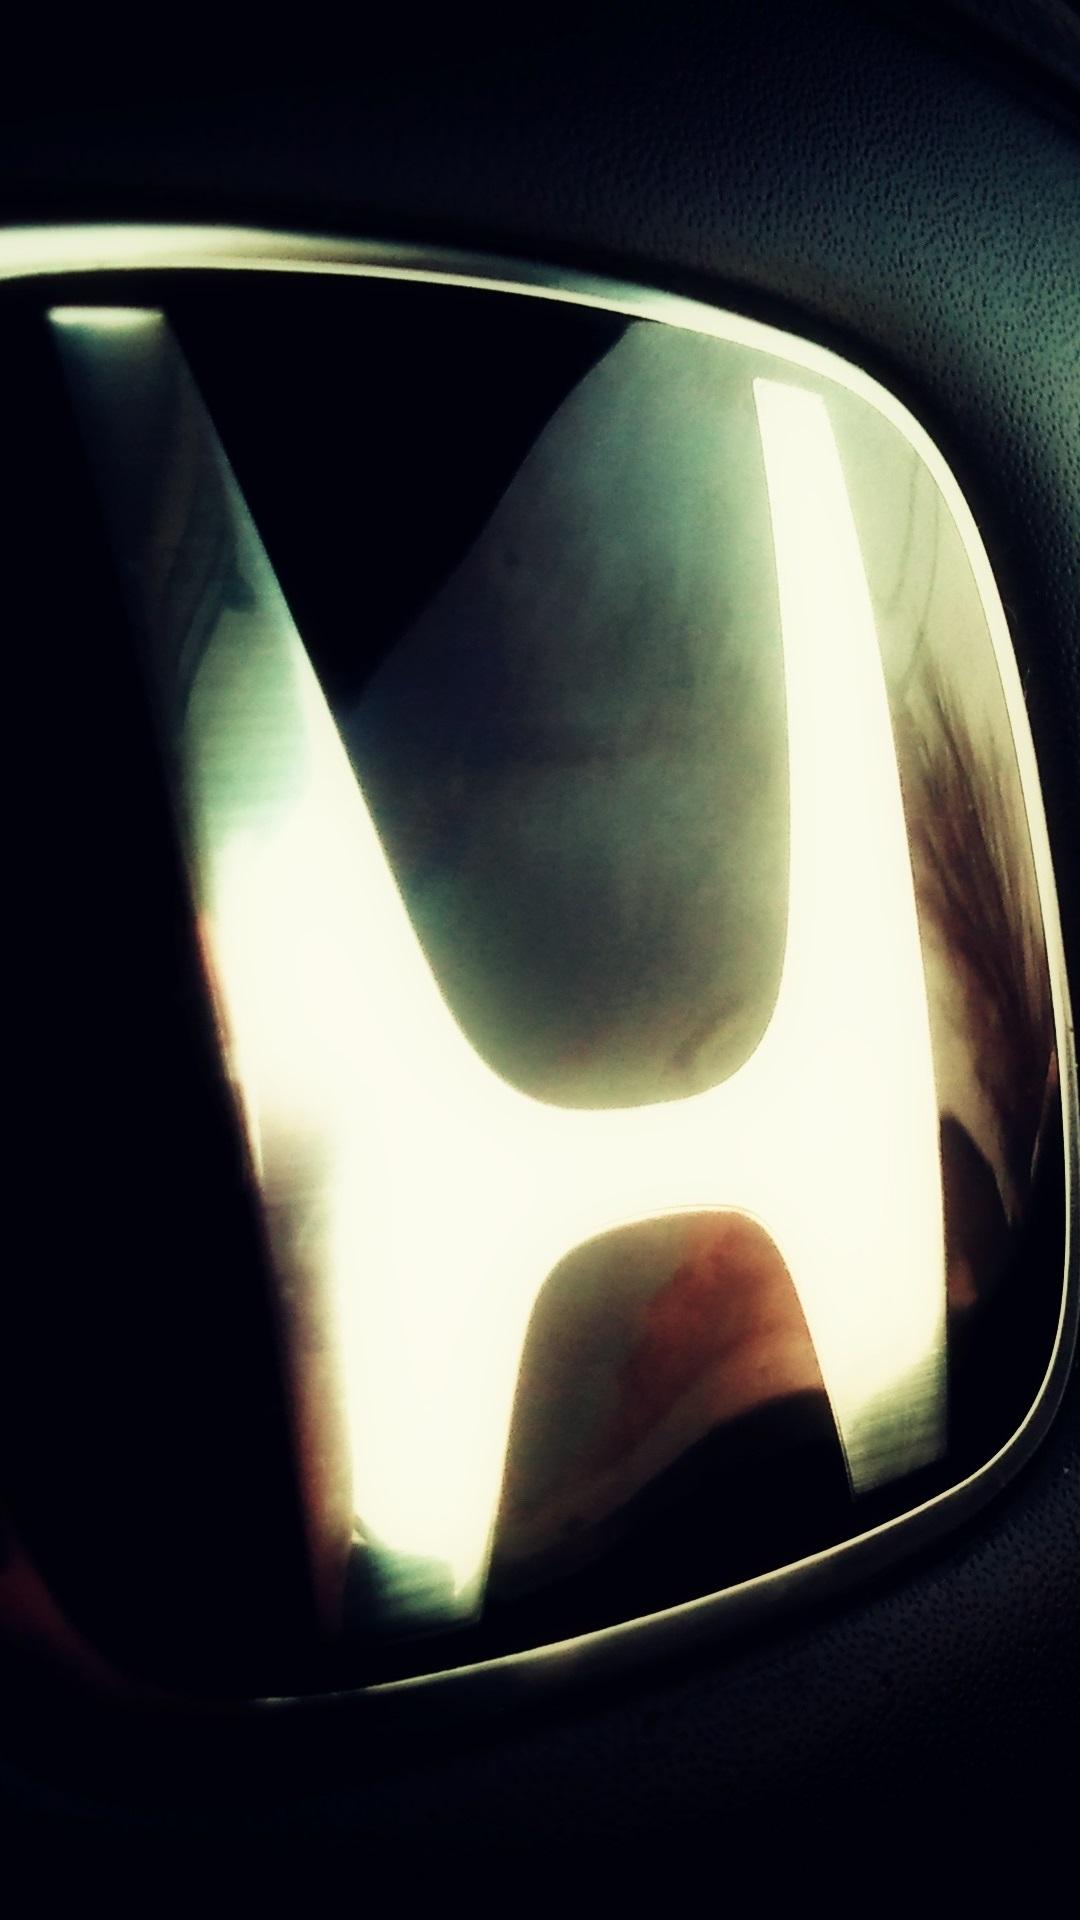 壁纸 本田汽车标志 2560x1920 HD 高清壁纸, 图片, 照片